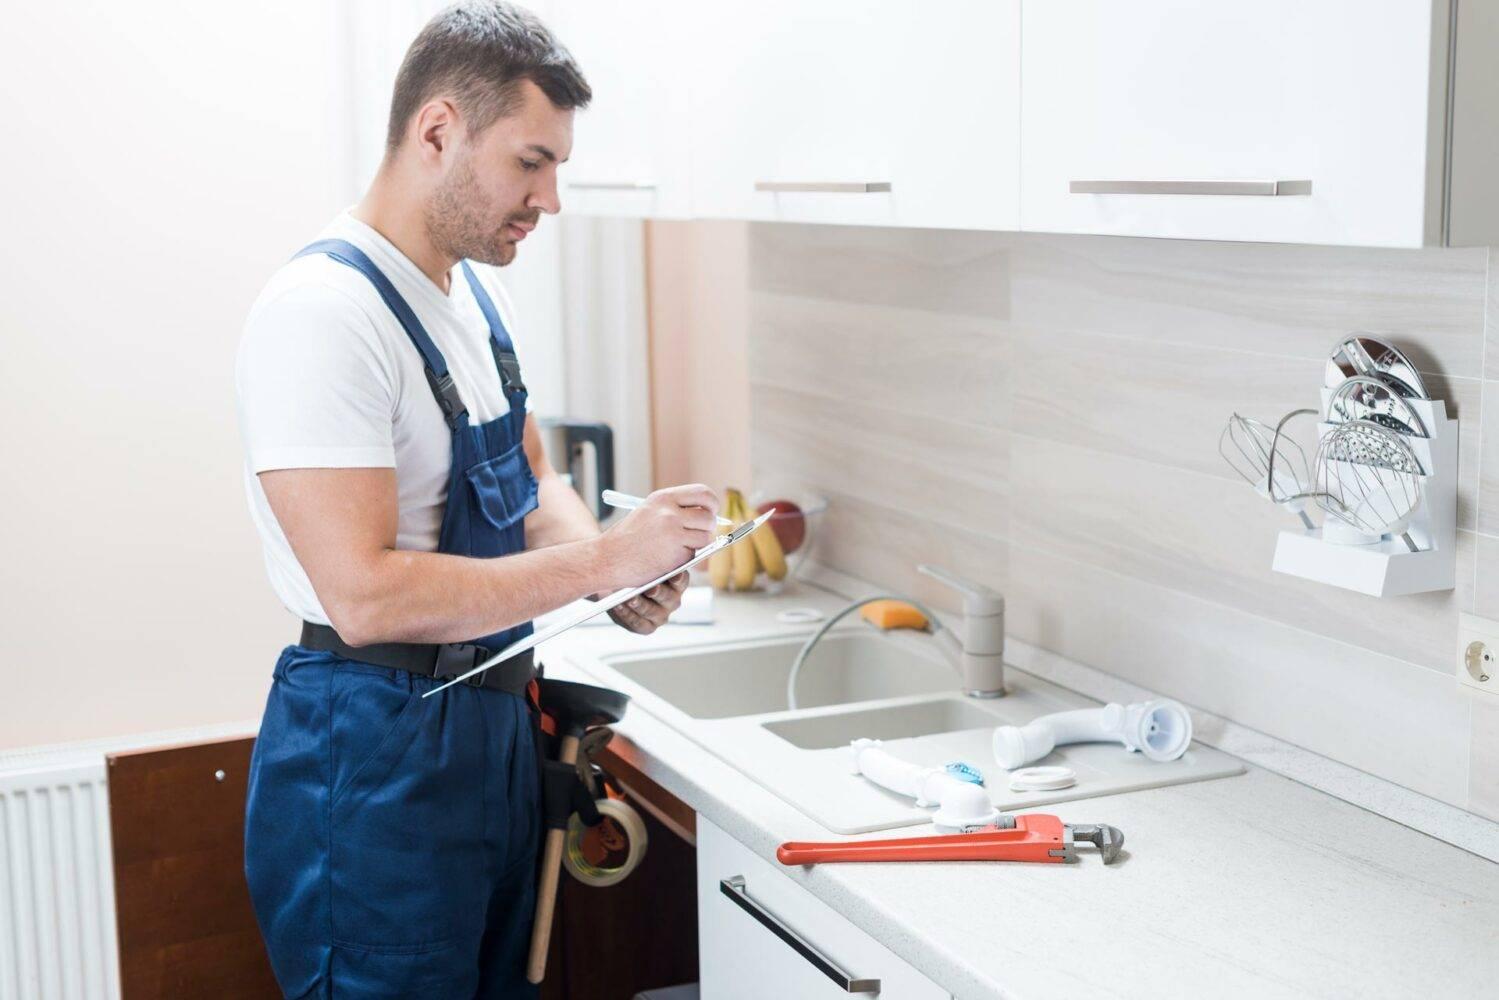 reformar-cocina-sin-obras